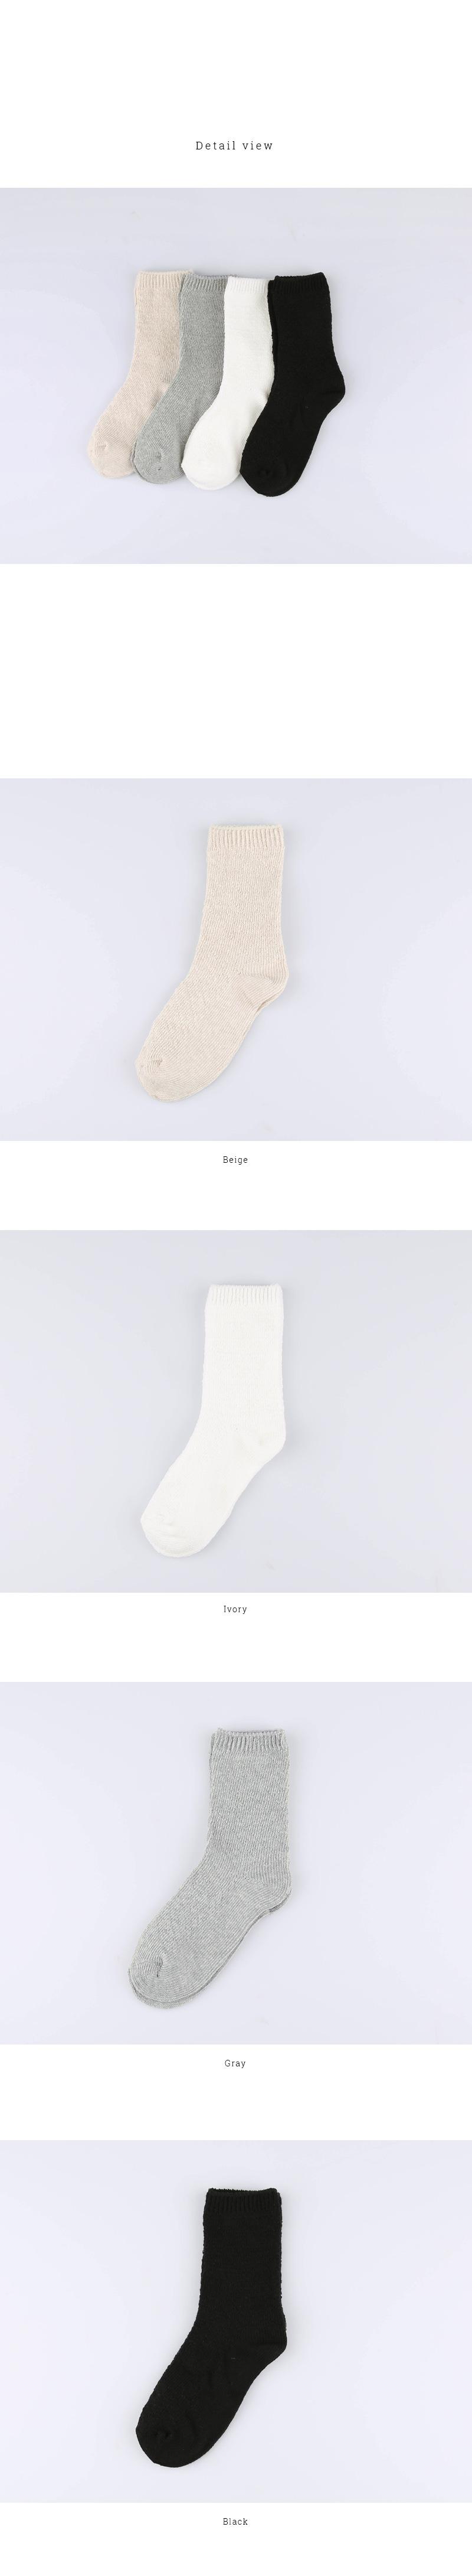 Mash socks